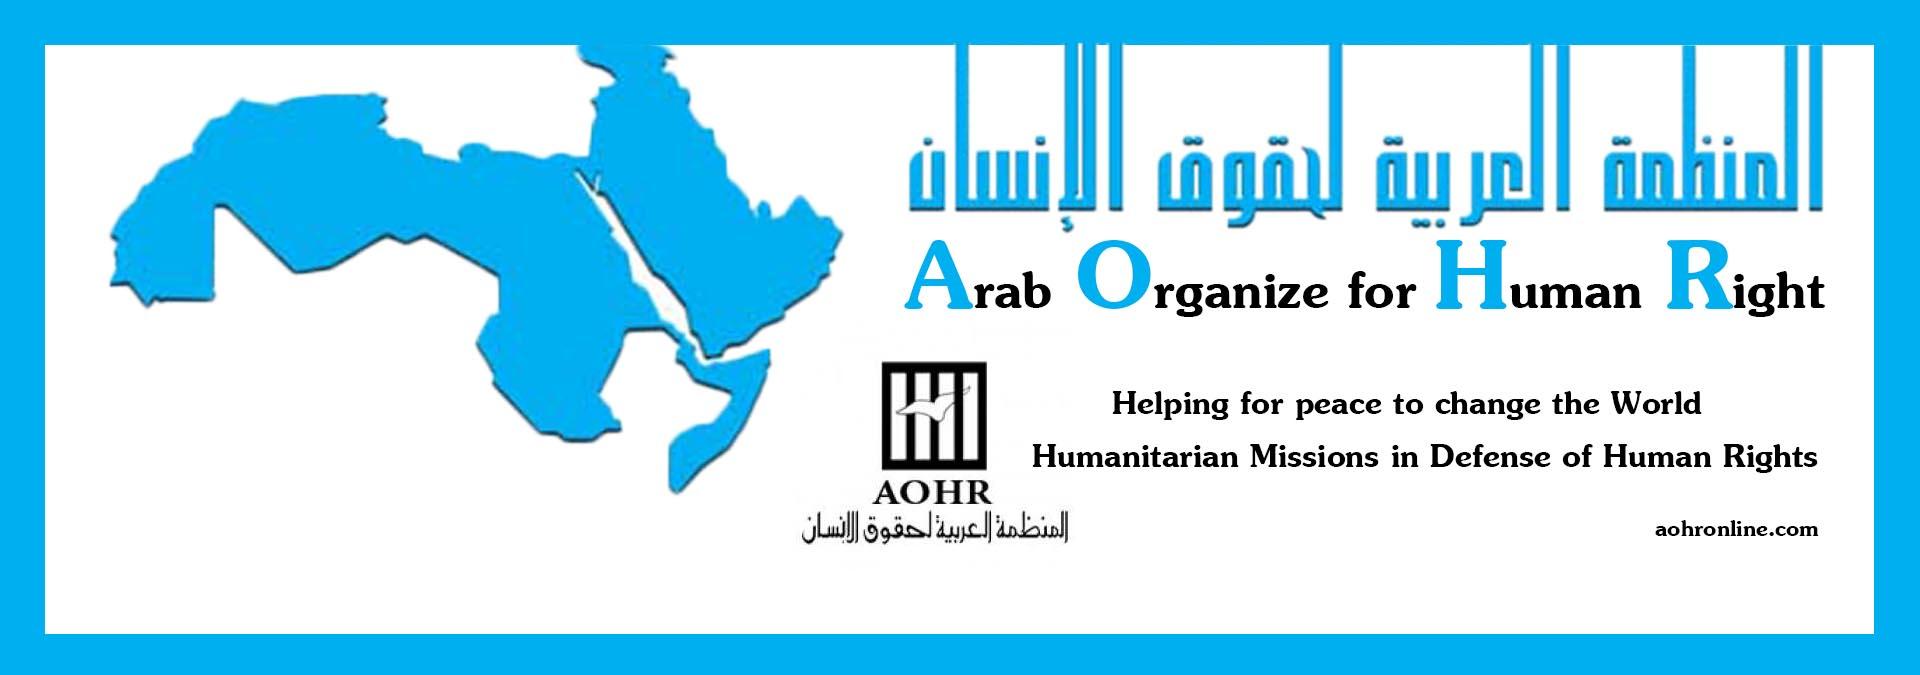 สิทธิมนุษยชนเสรีภาพของชาวอาหรับ